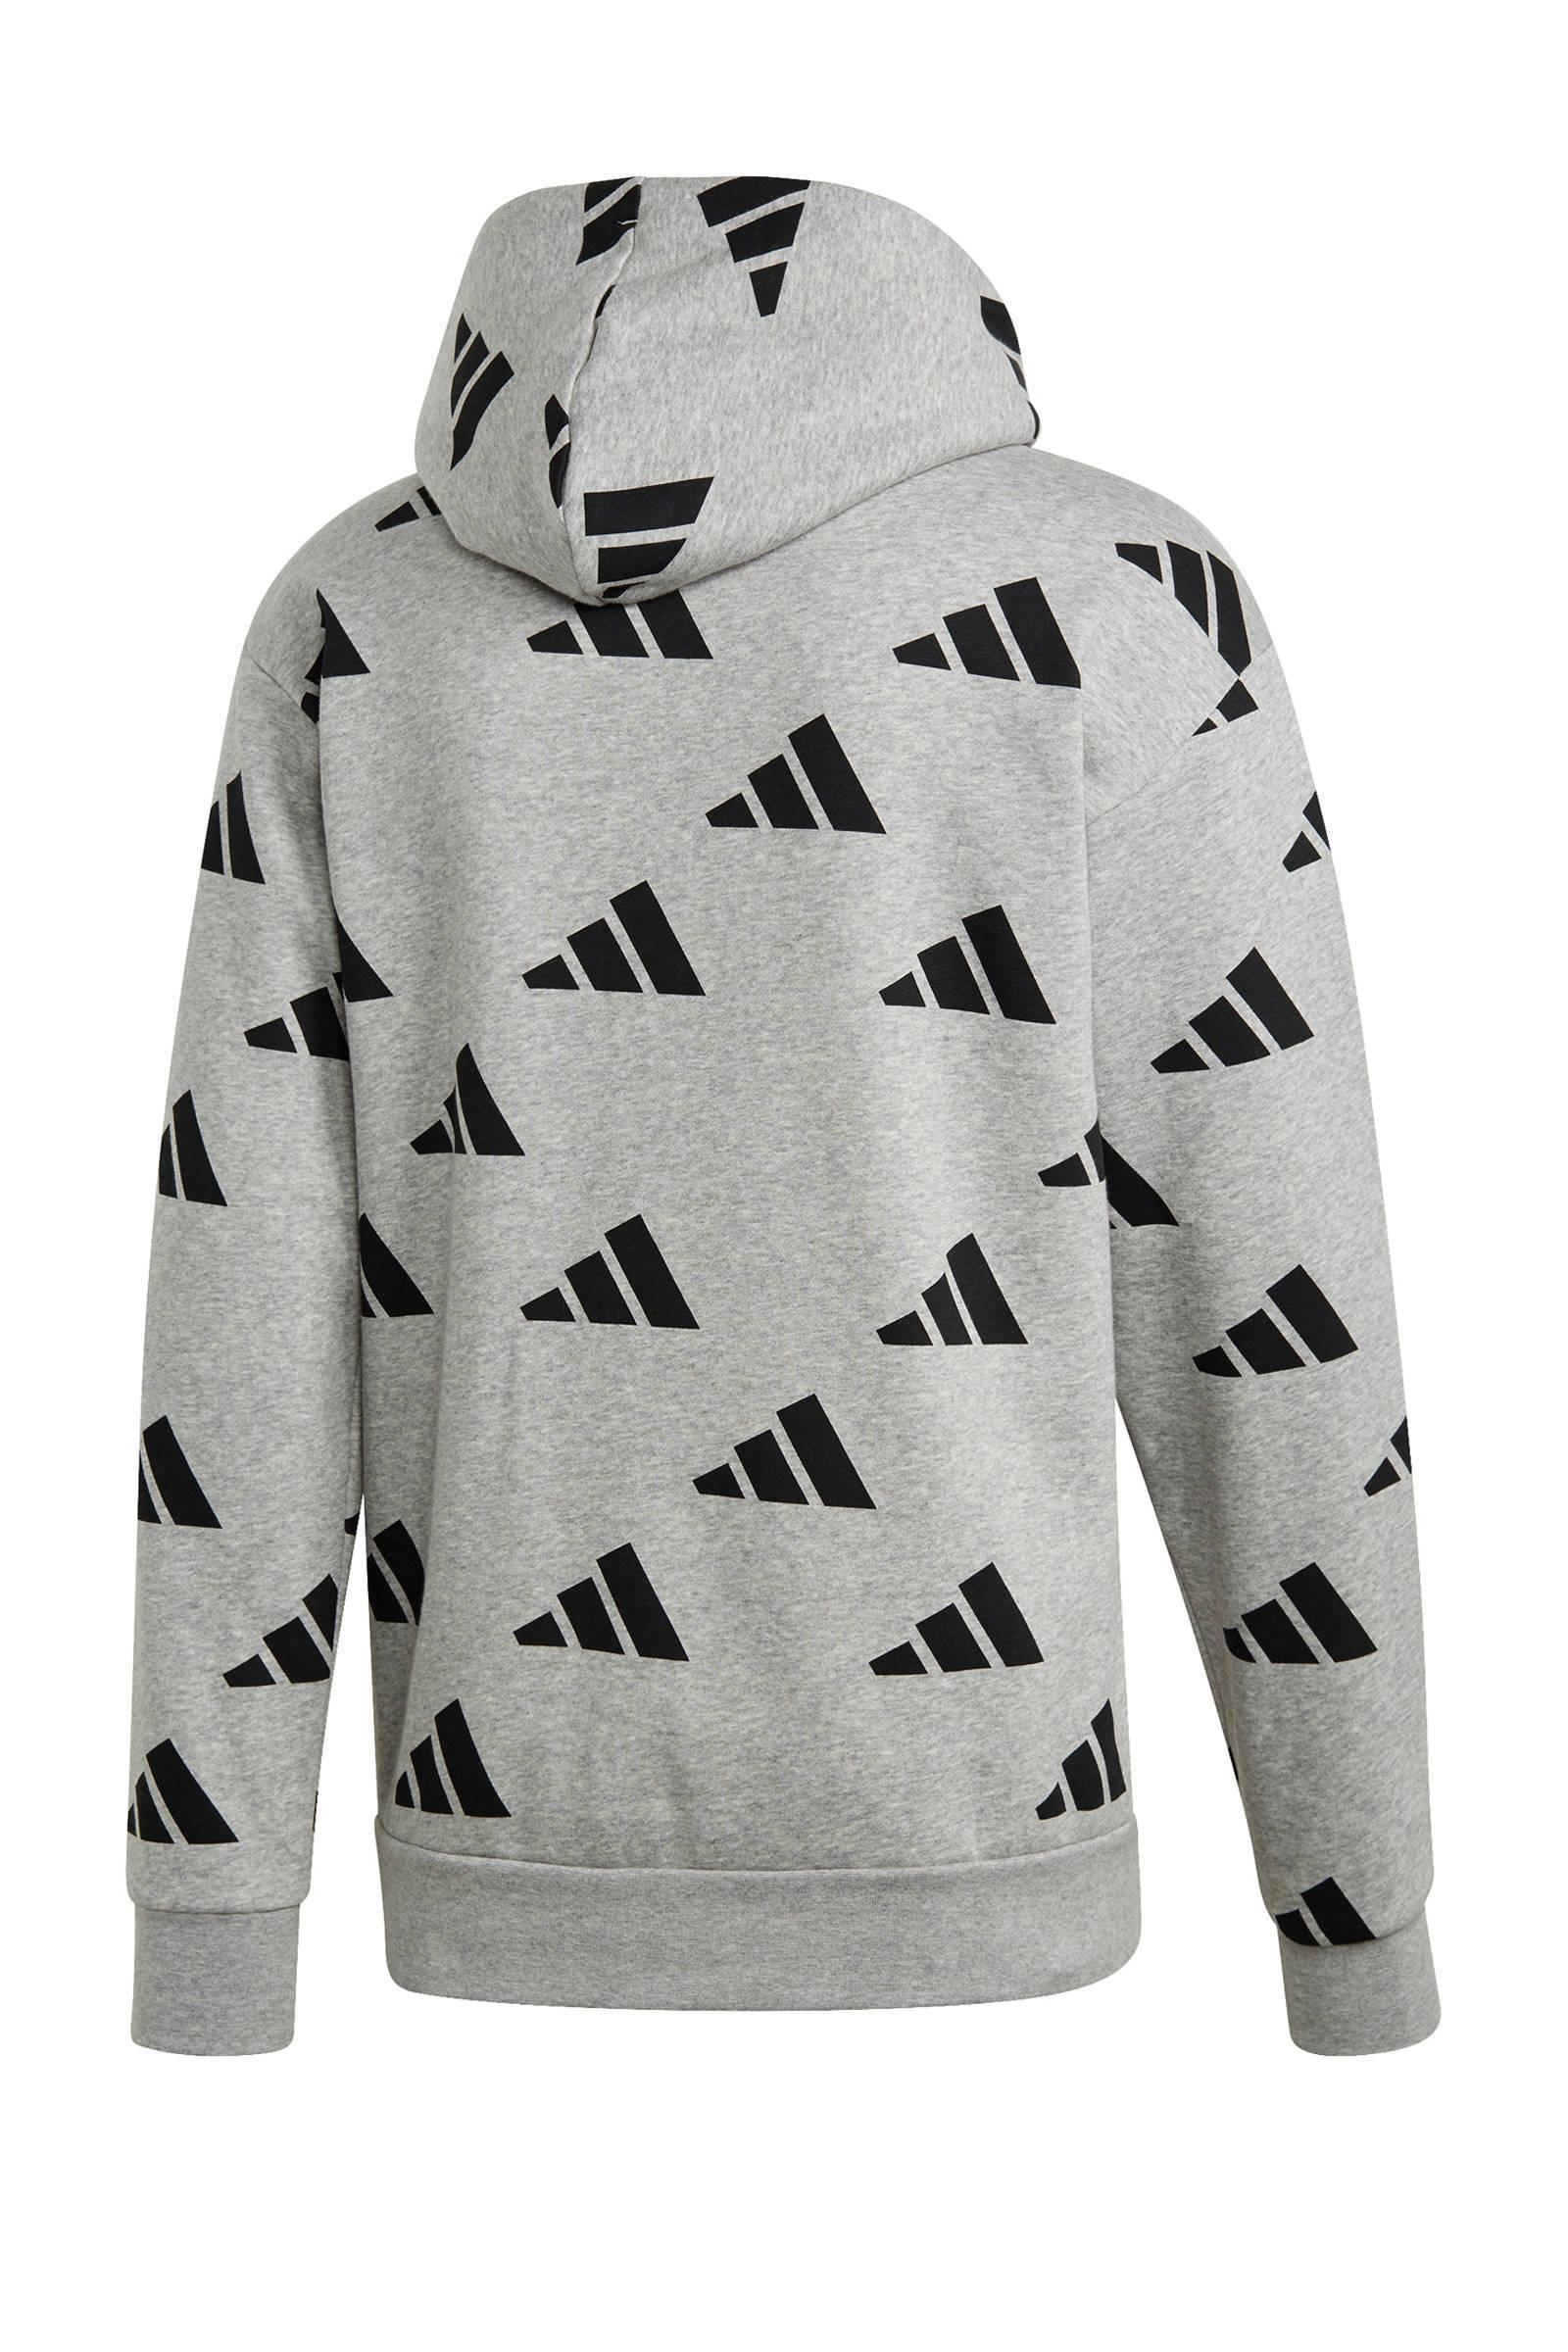 adidas Performance Fleece Sportsweater Grijs in het Grijs voor heren